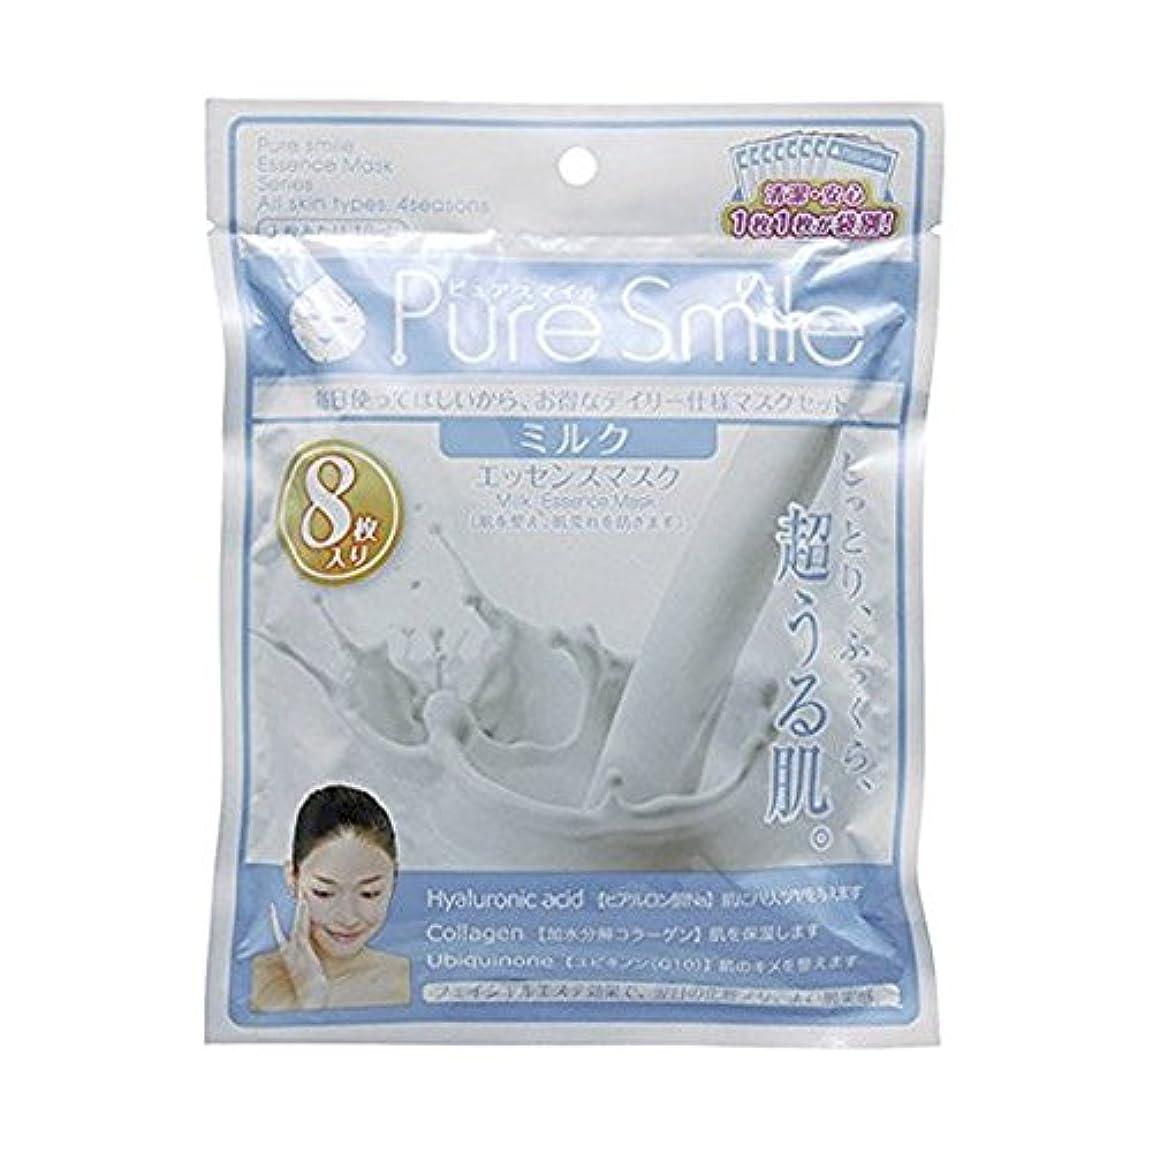 ギネスメディア居眠りするピュアスマイル エッセンスマスク 8枚セット ミルク